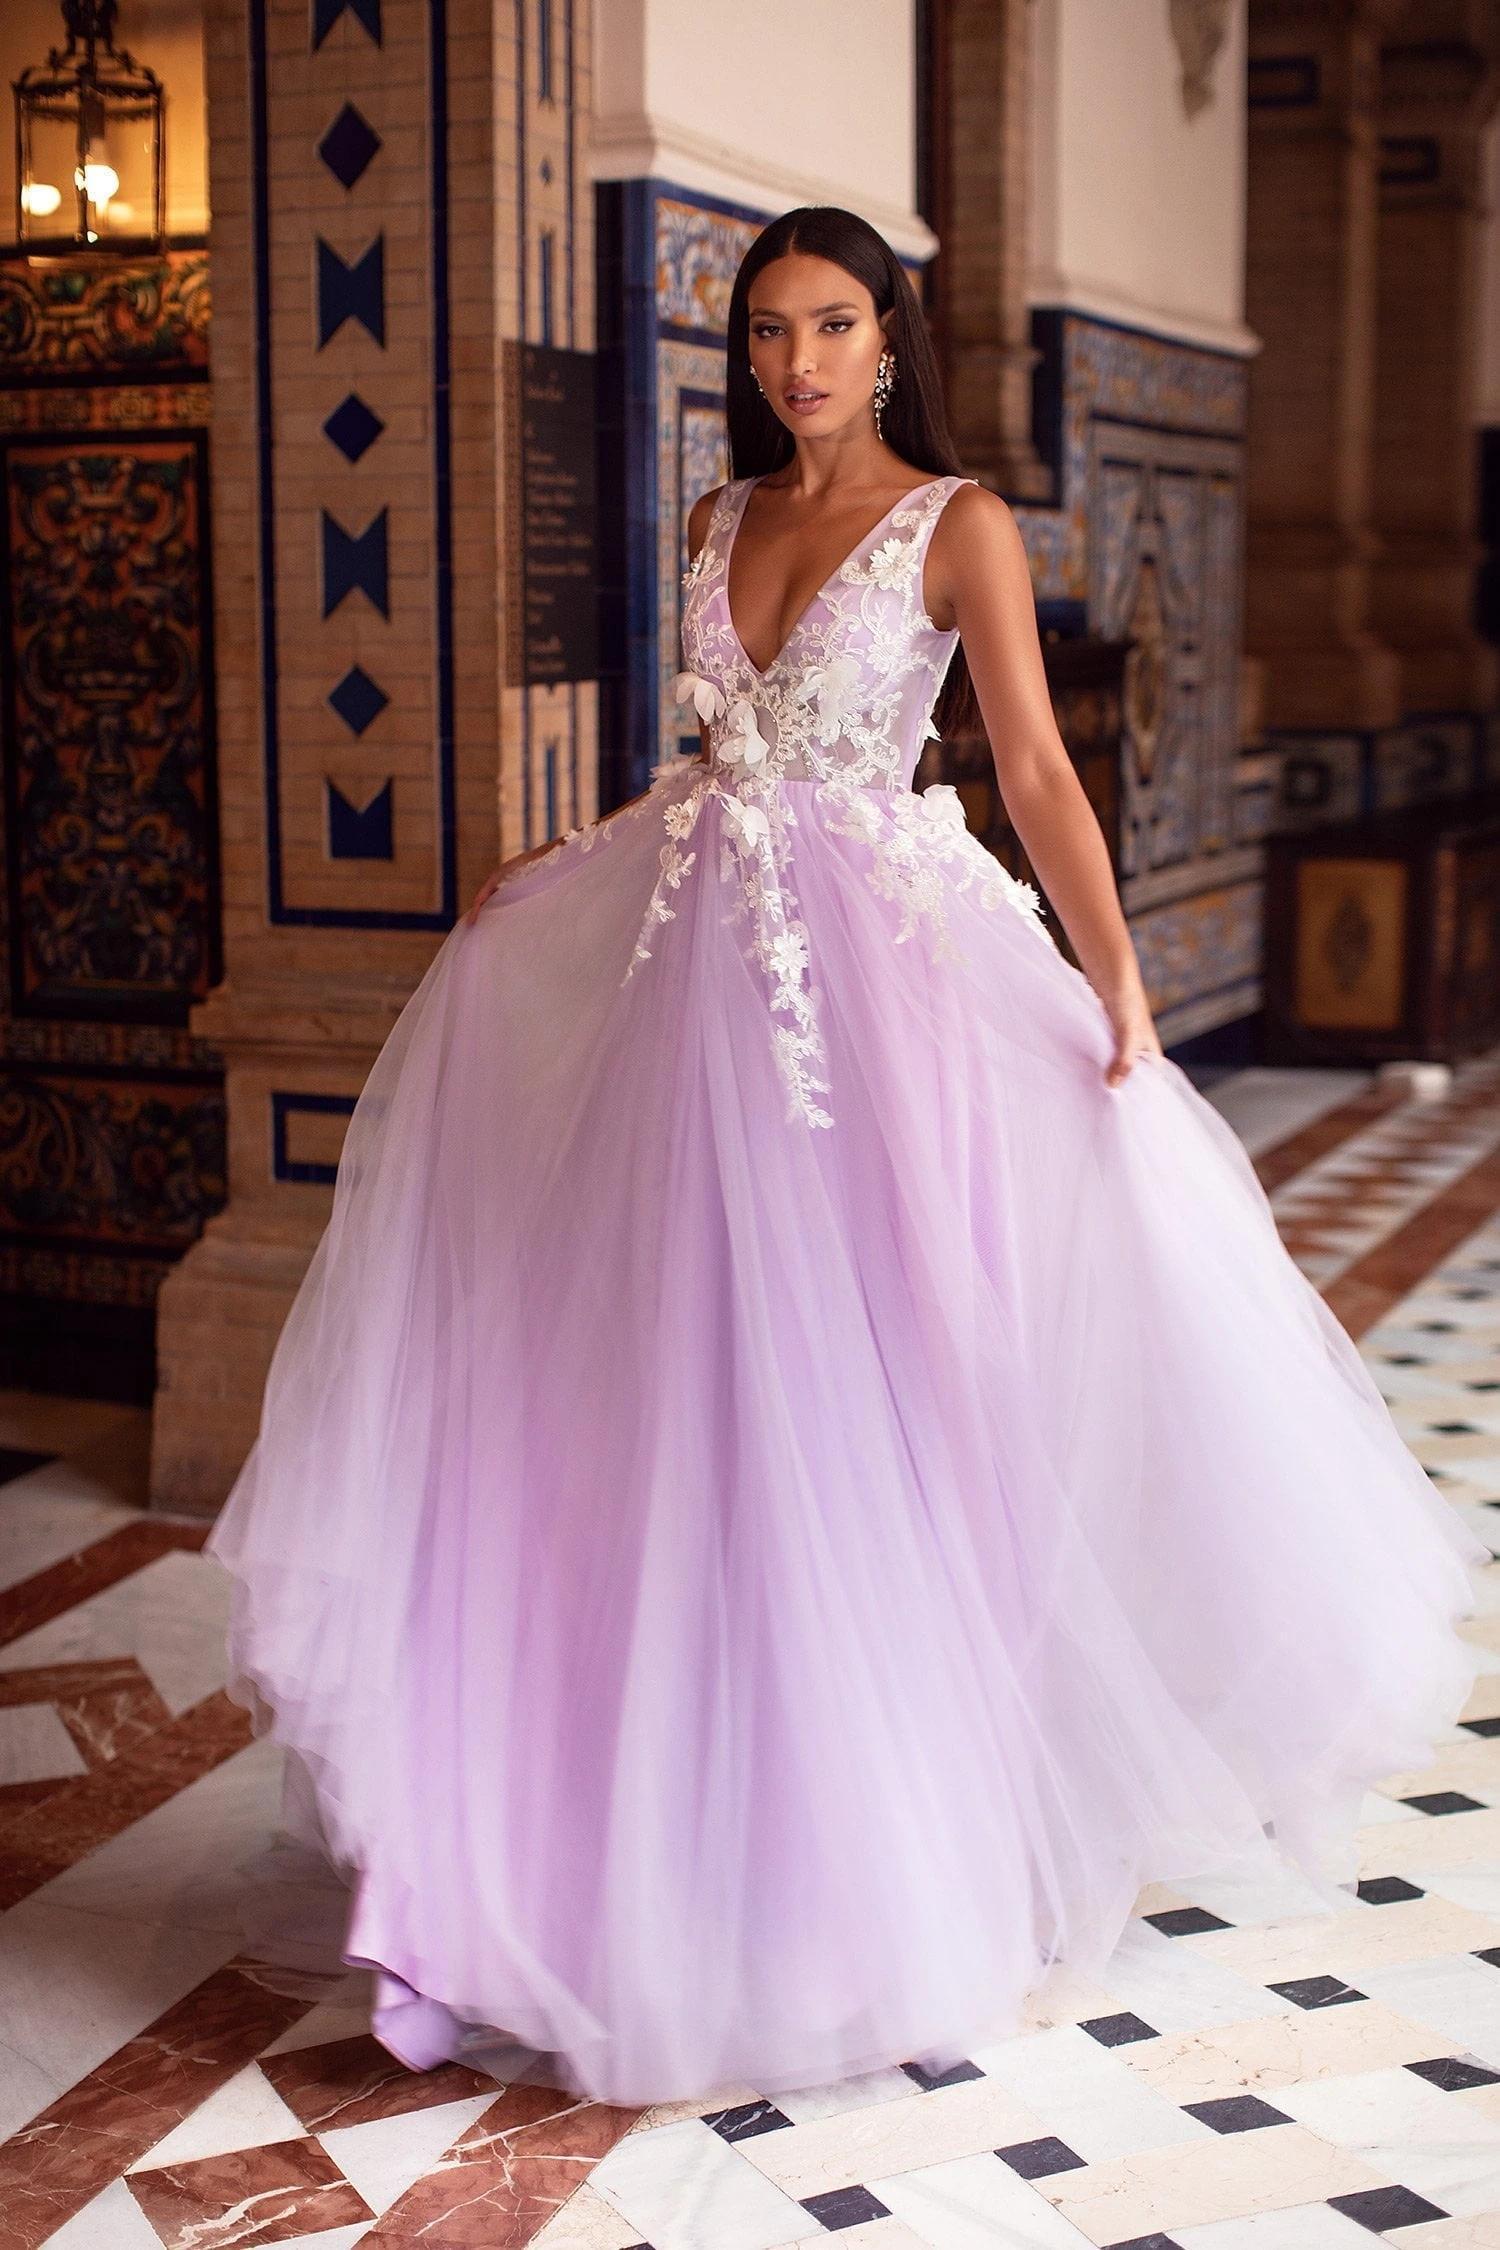 Платья Princess выпускного вечера Tulle LILAC великолепное вечеринка платье V-образным вырезом линии белые цветочные аппликации вечерние платья Vestido de Fiesta P108